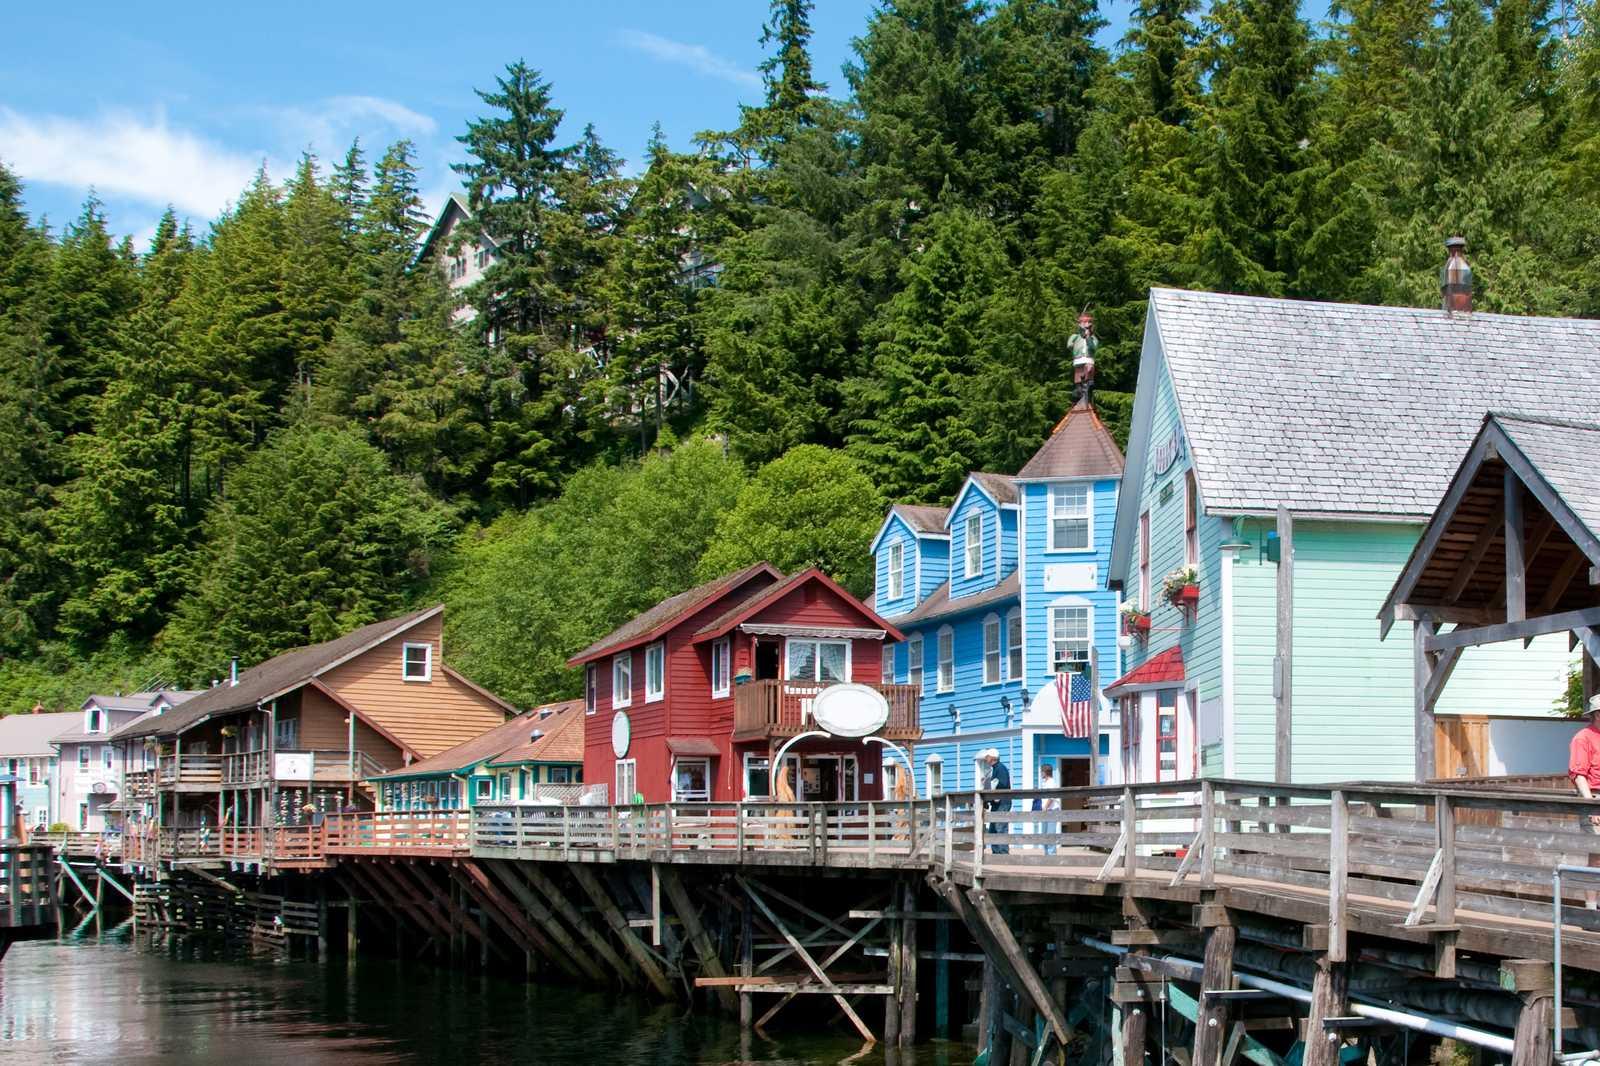 Preistipp USA: Der idyllische Süden Alaskas | CANUSA